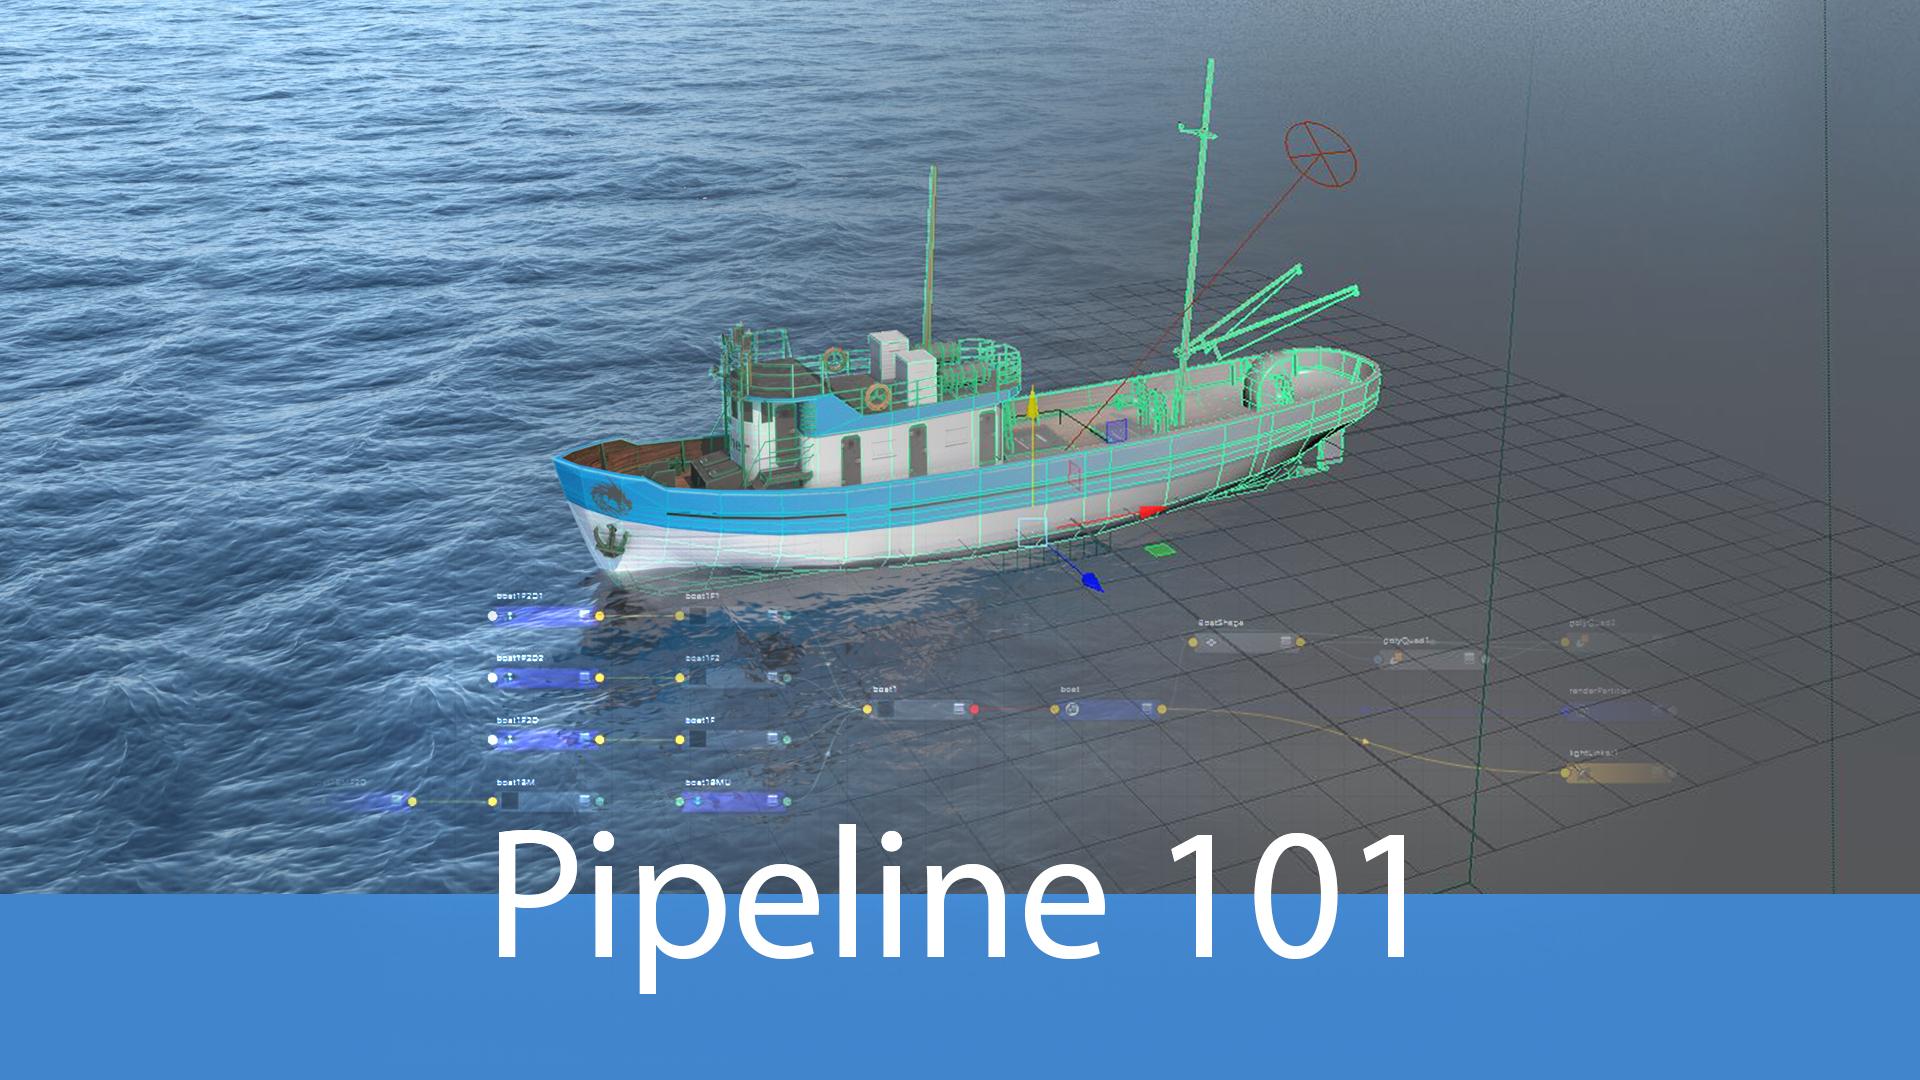 Pipeline 101: Introduction au pipeline (films d'animation et effets spéciaux)